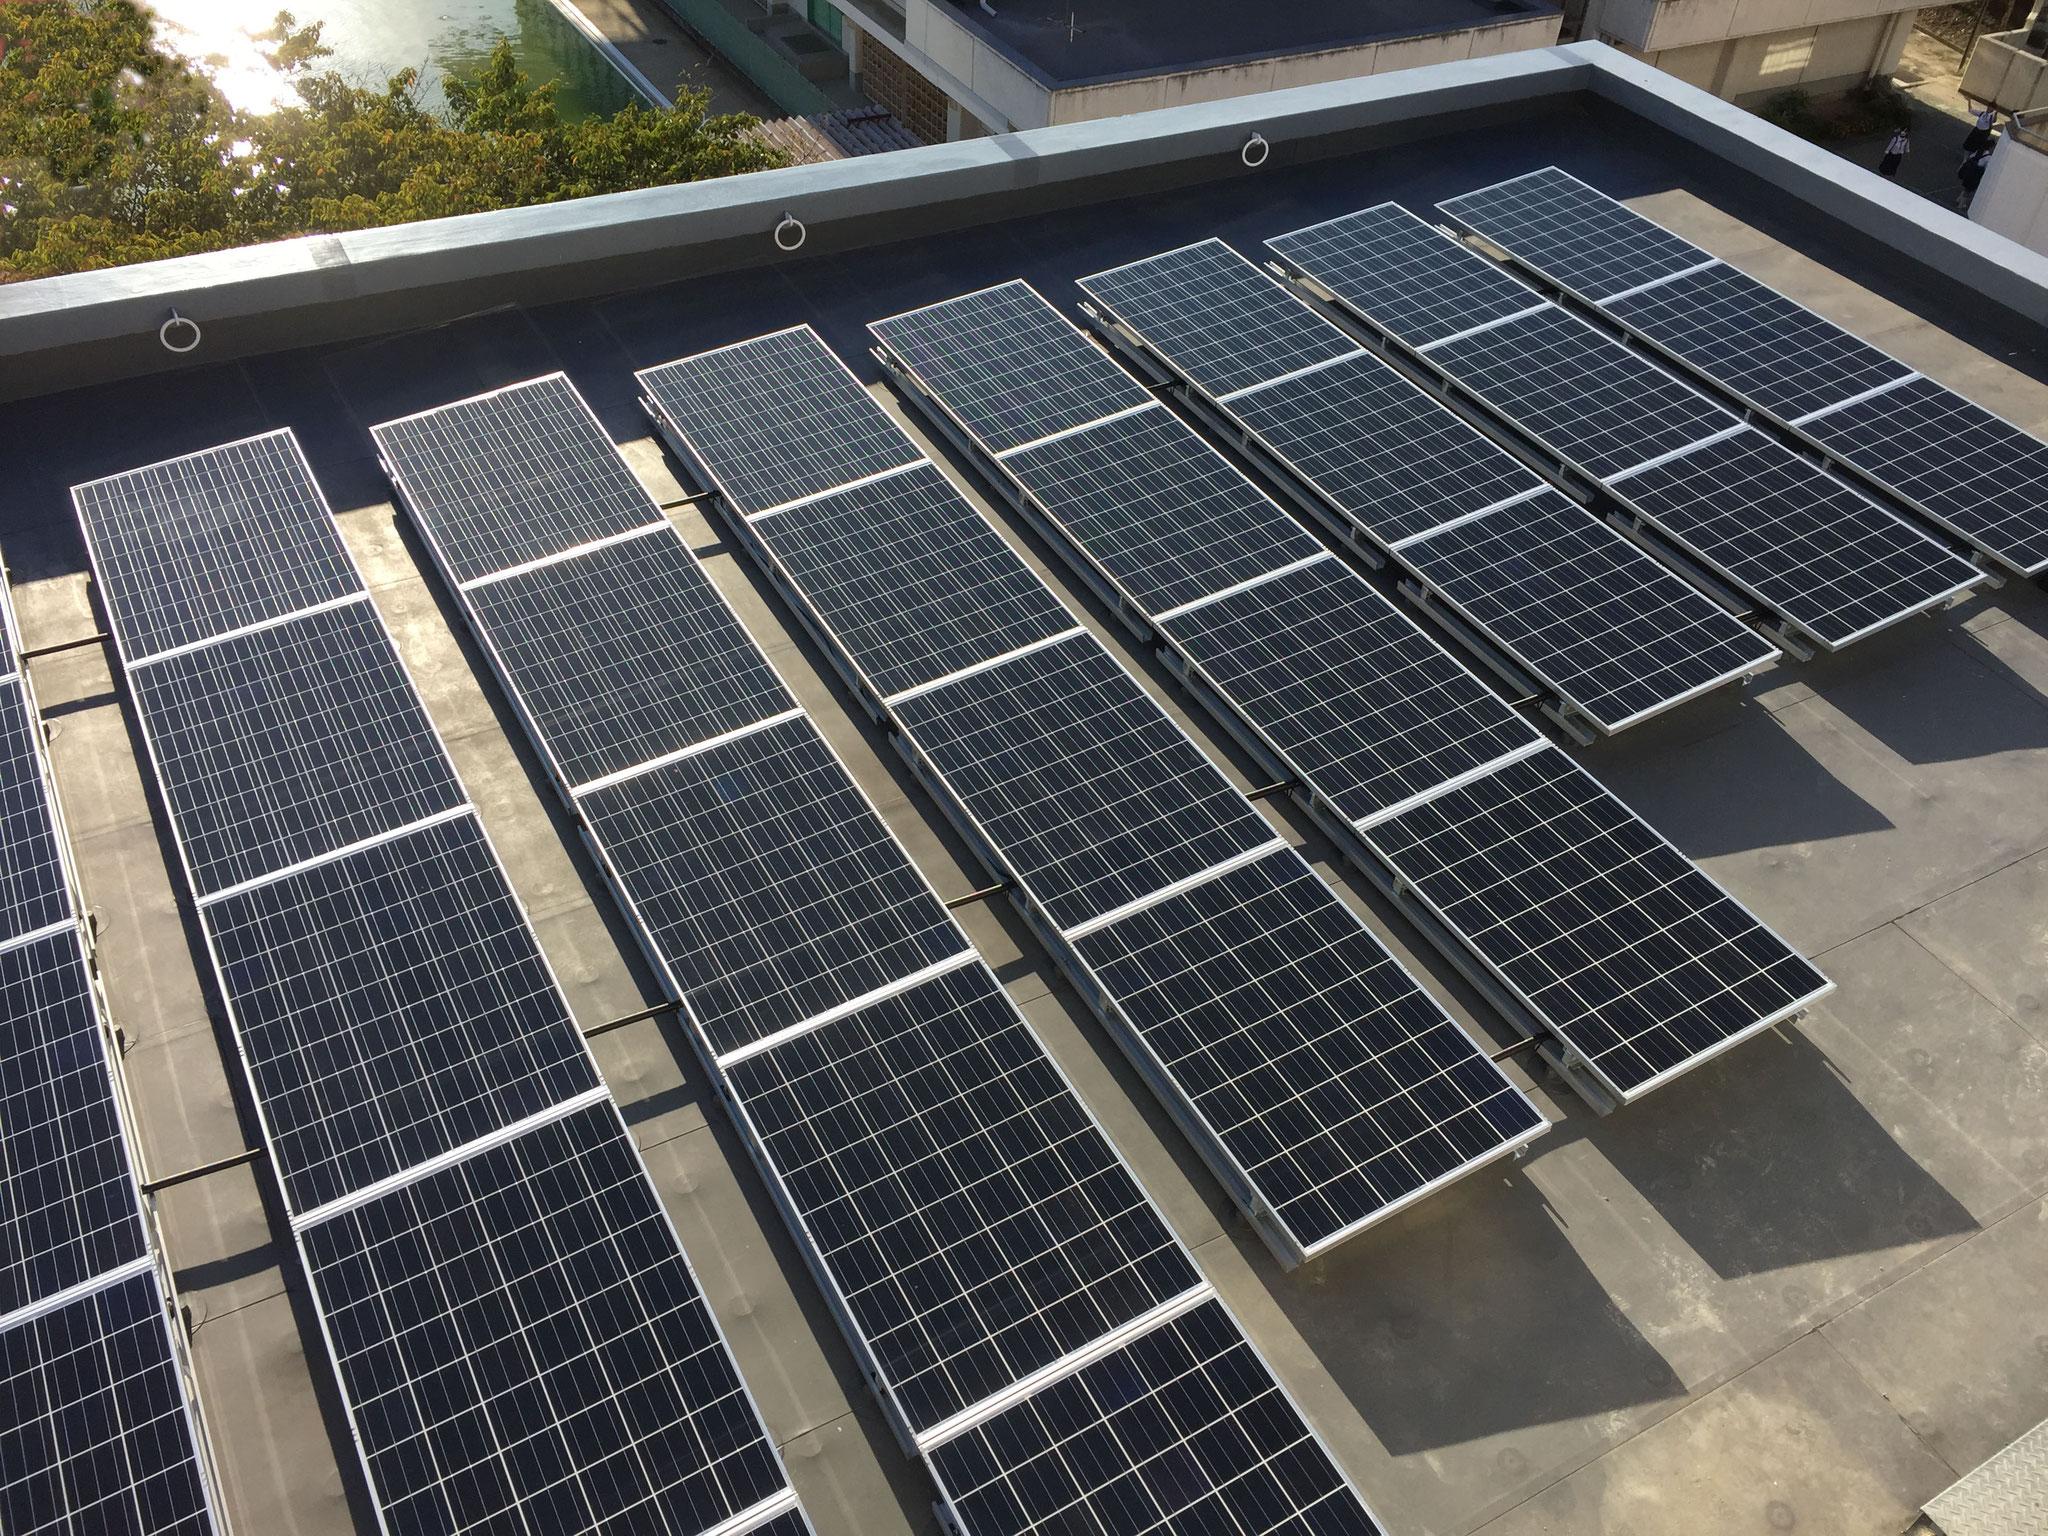 中学校太陽光発電設備工事  文部科学省スーパーエコスクール認定校における太陽光発電設備設置工事です。